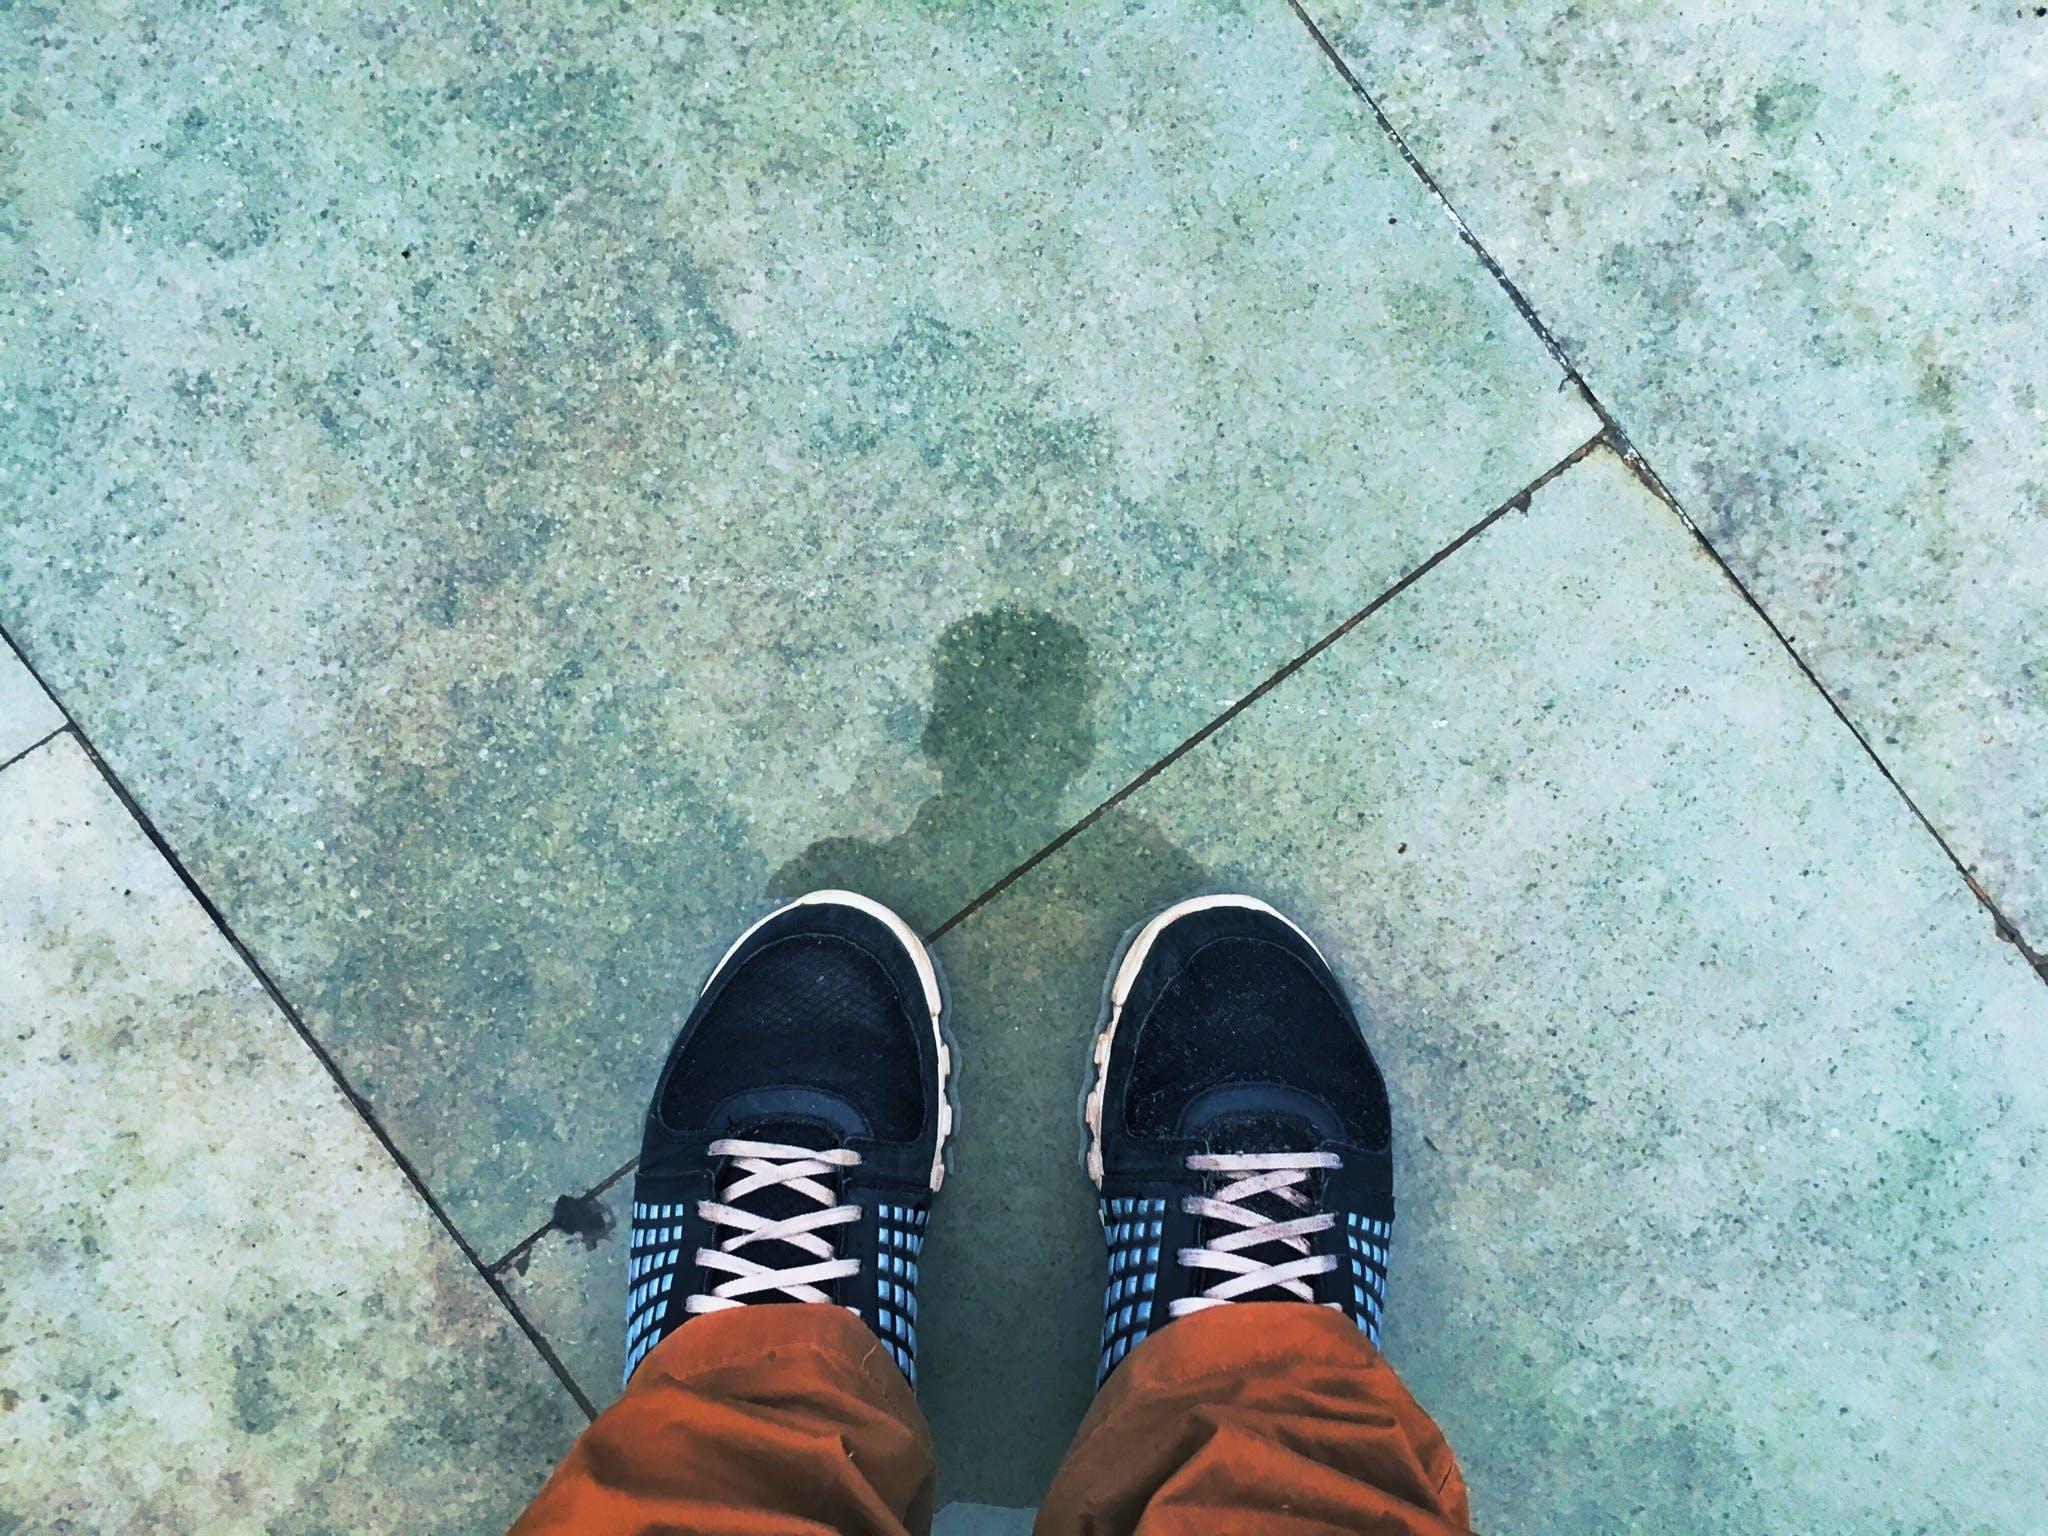 Kostenloses Stock Foto zu fußbekleidung, füße, person, schatten